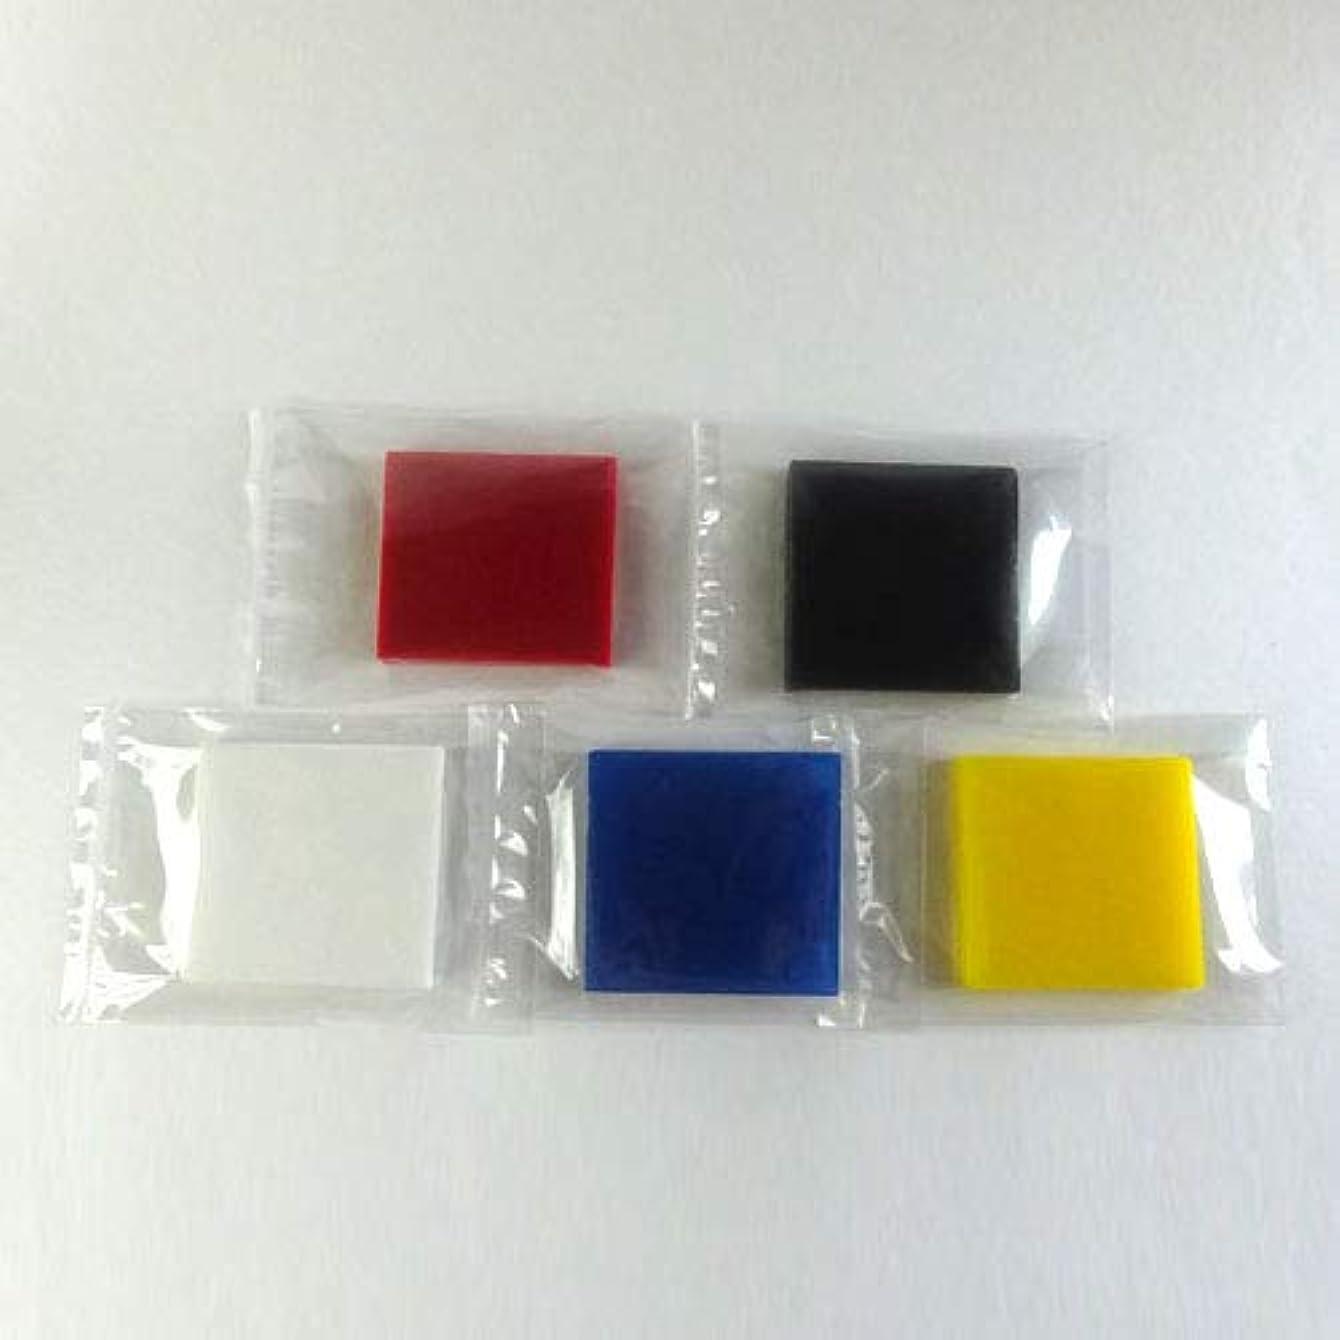 正義中級建築グリセリンソープ MPソープ 色チップ 5色(赤?青?黄?白?黒) 各30g